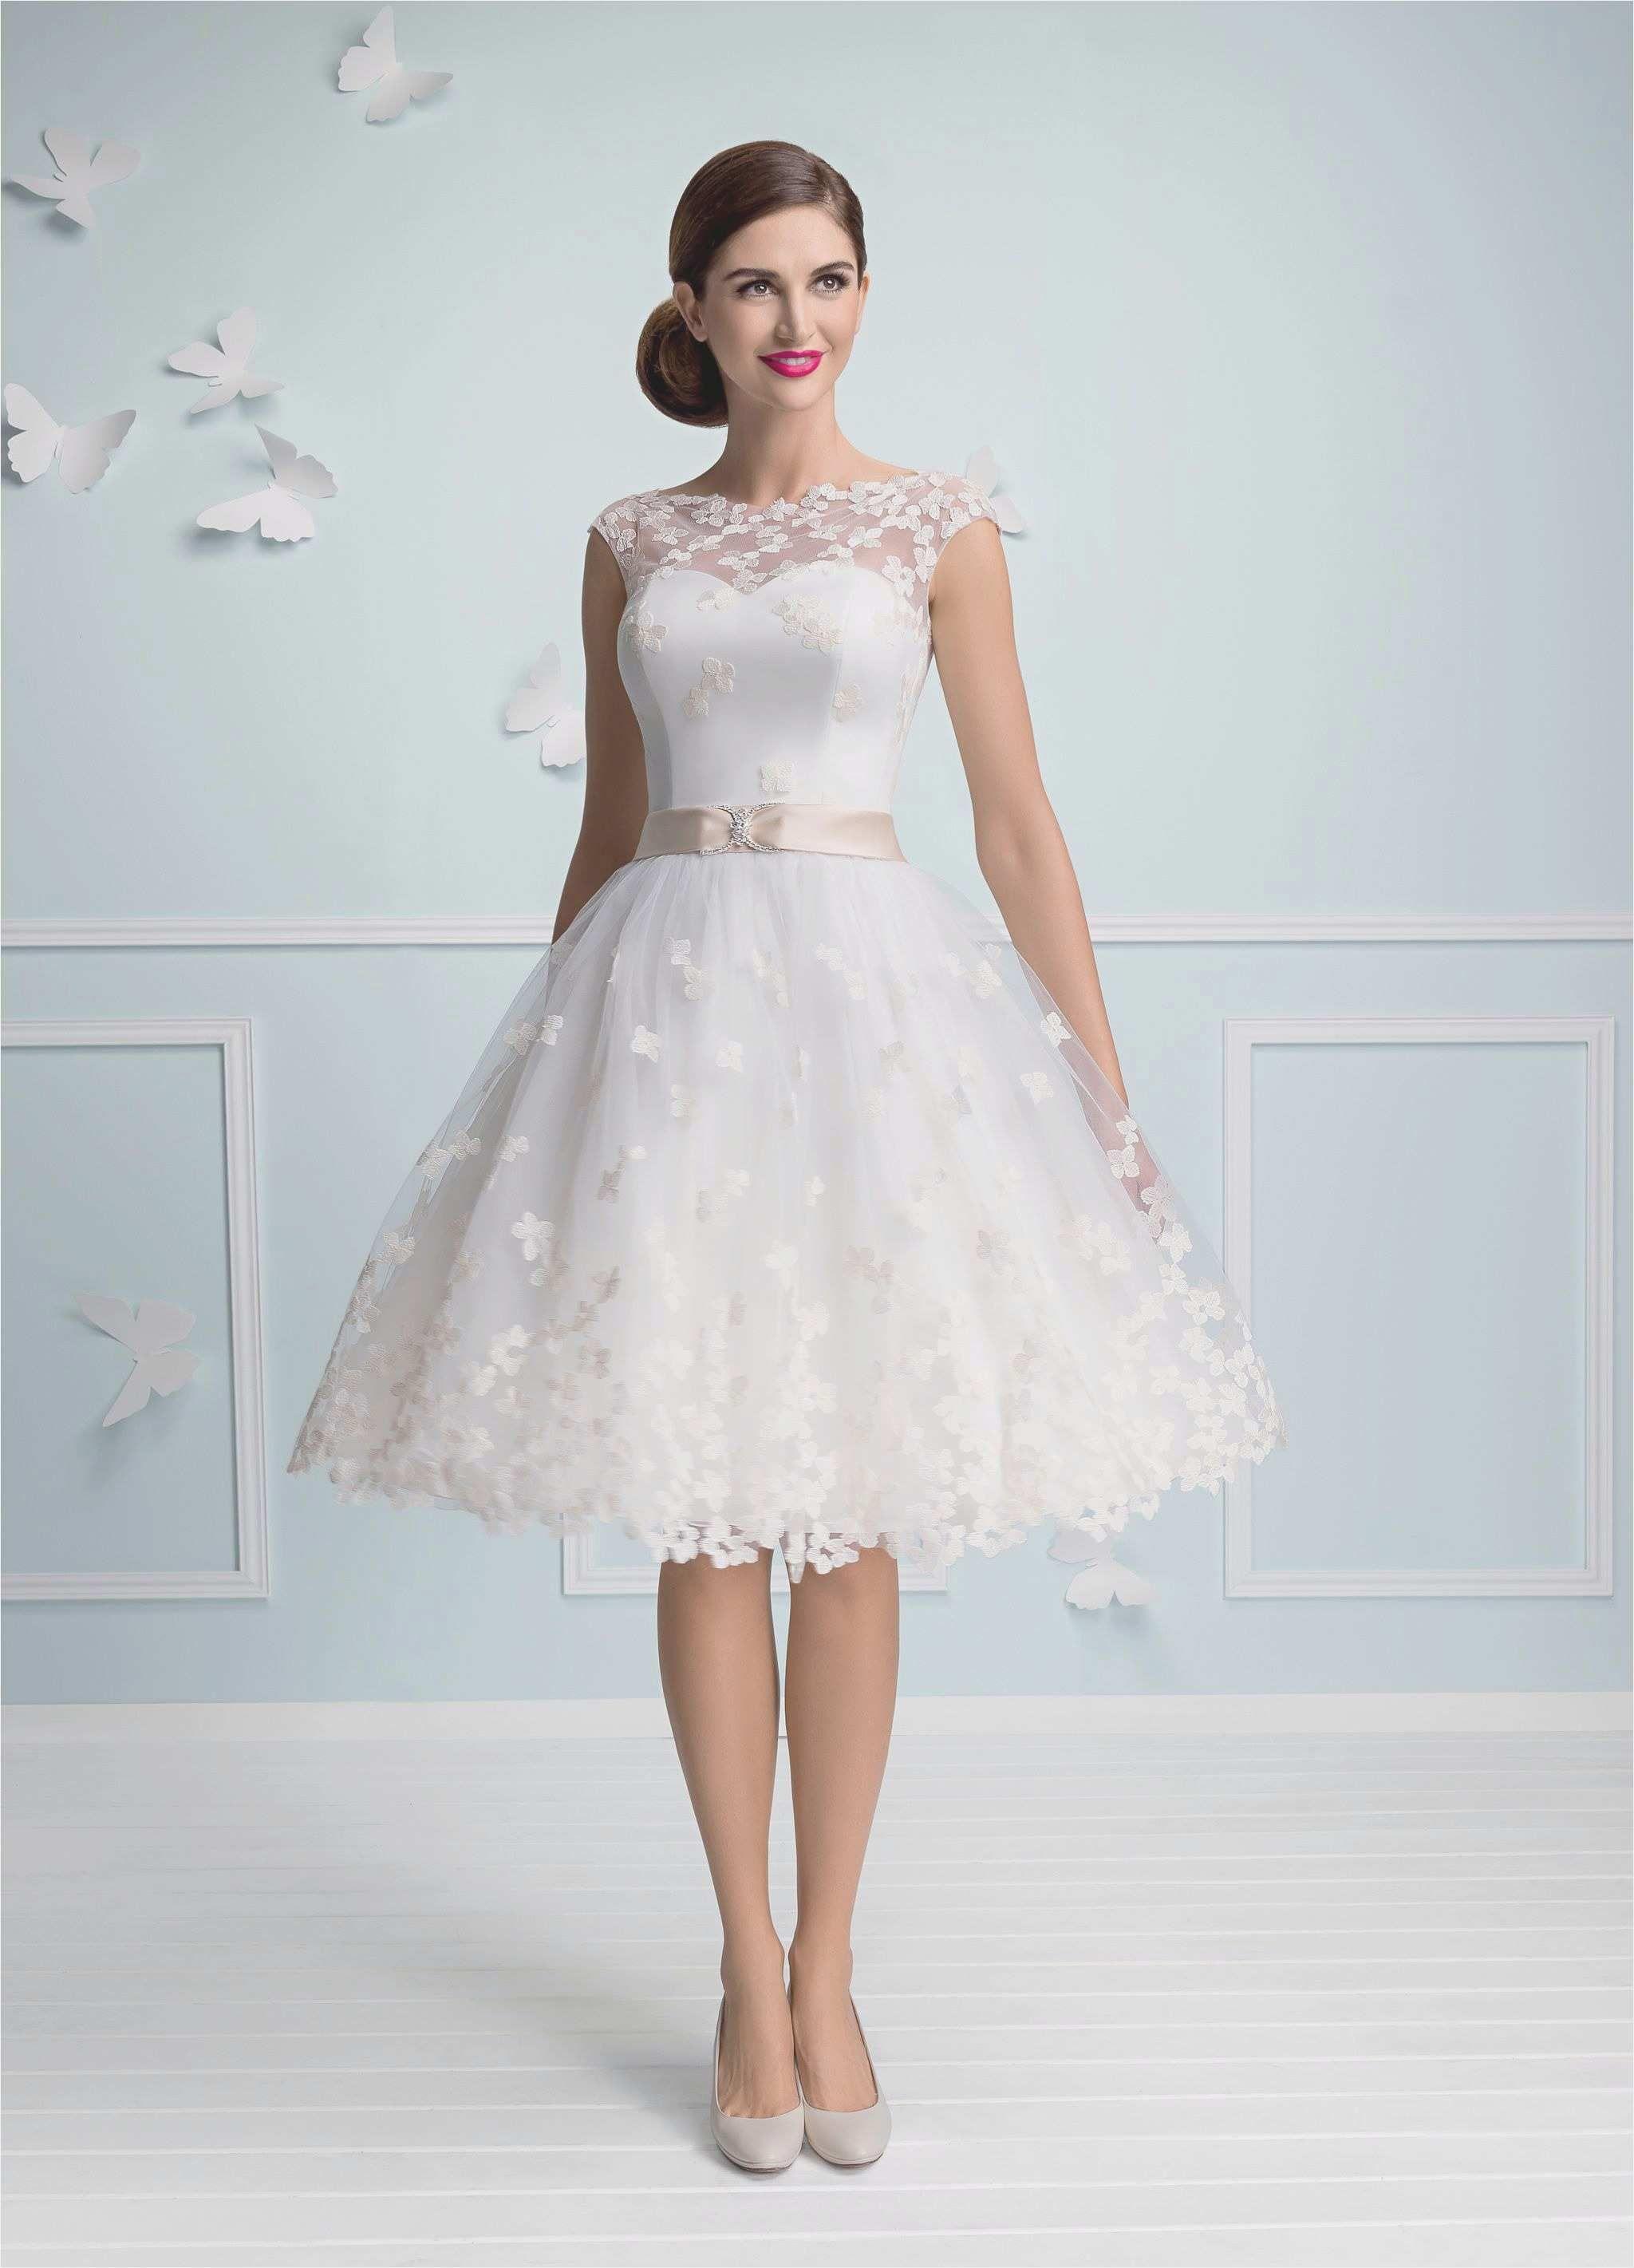 Hochzeitskleid Gast  Hochzeitskleid weiß kurz, Hochzeitskleid